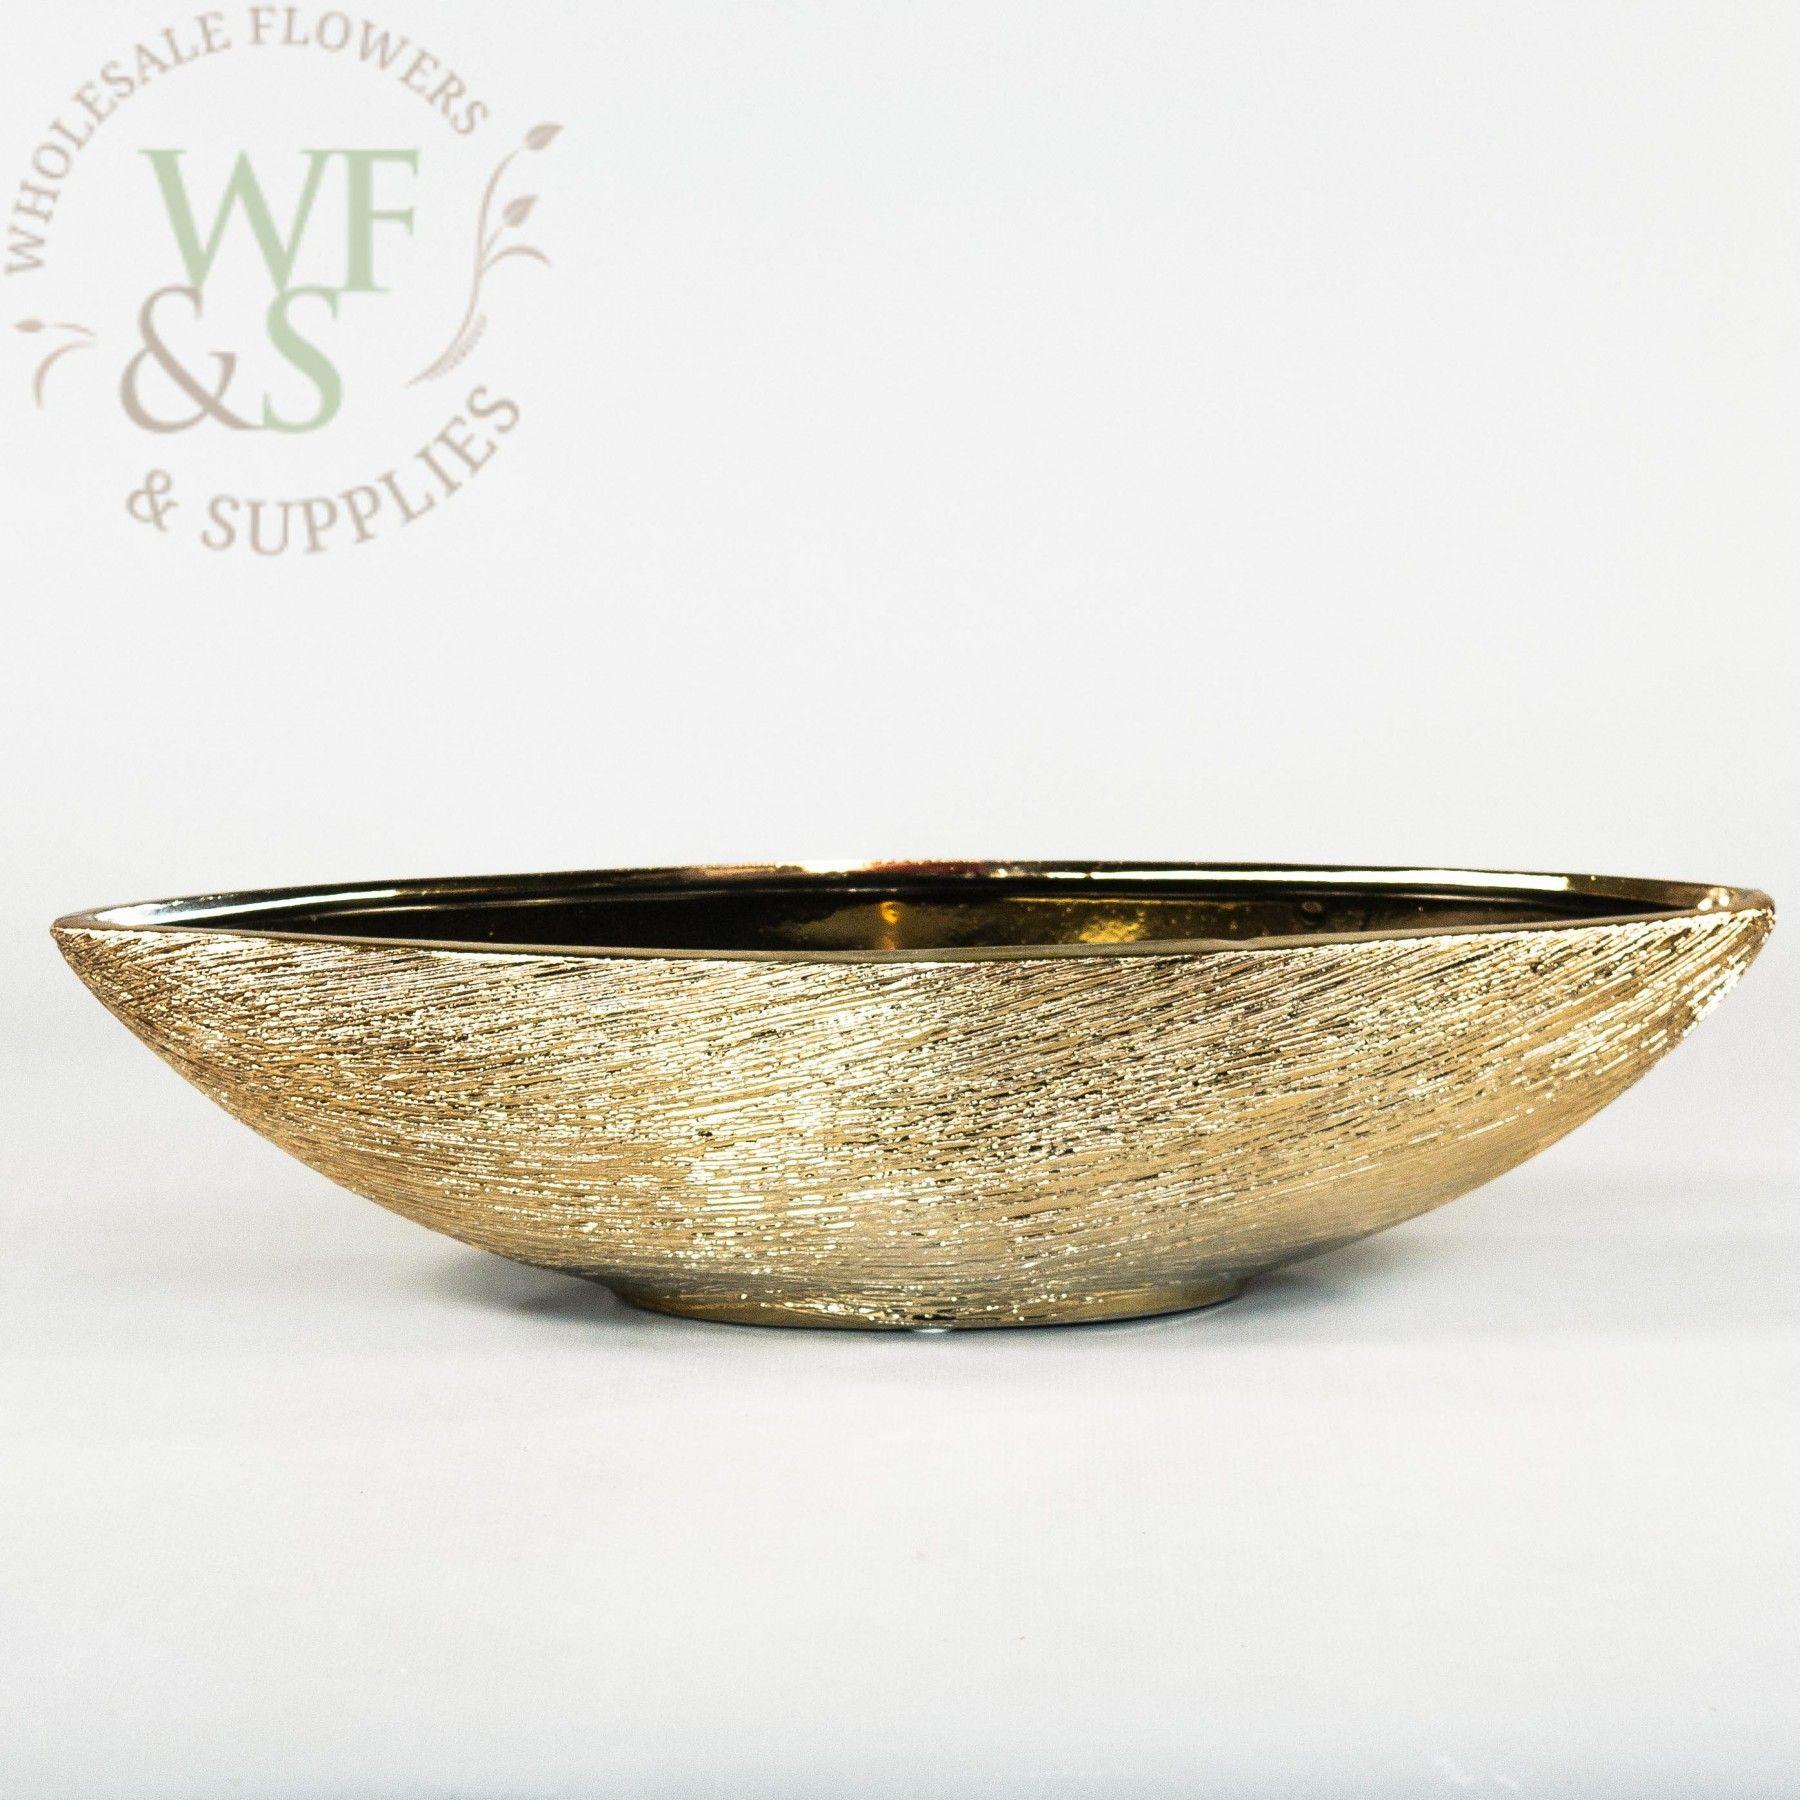 Gold Ceramic Boat Shaped Flower Pot Vase Container Gold Ceramic Ceramic Flower Pots Flower Pots